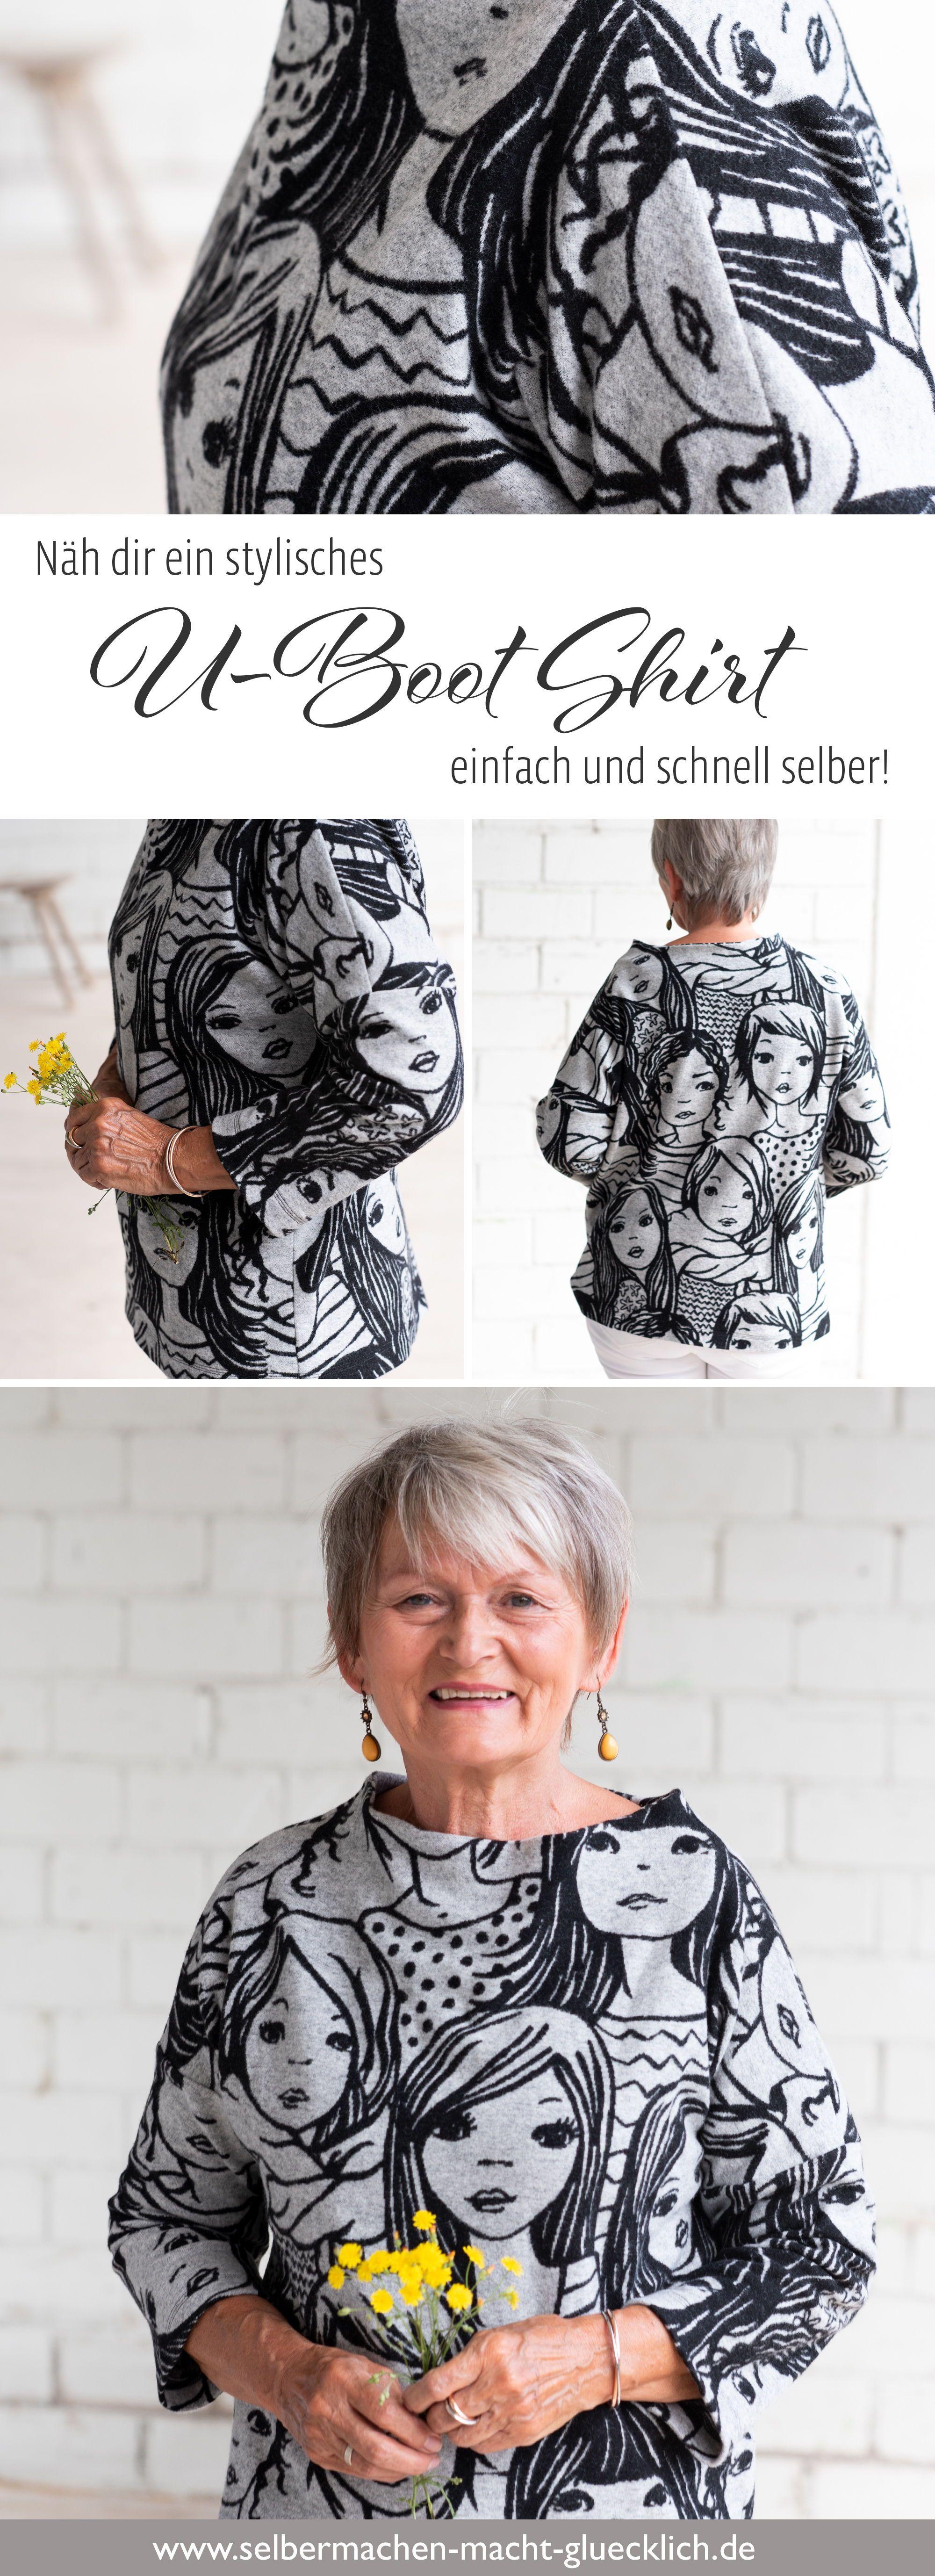 So nähst du ein stylisches Shirt mit U-Boot Kragen! – Nähideen & Plotten